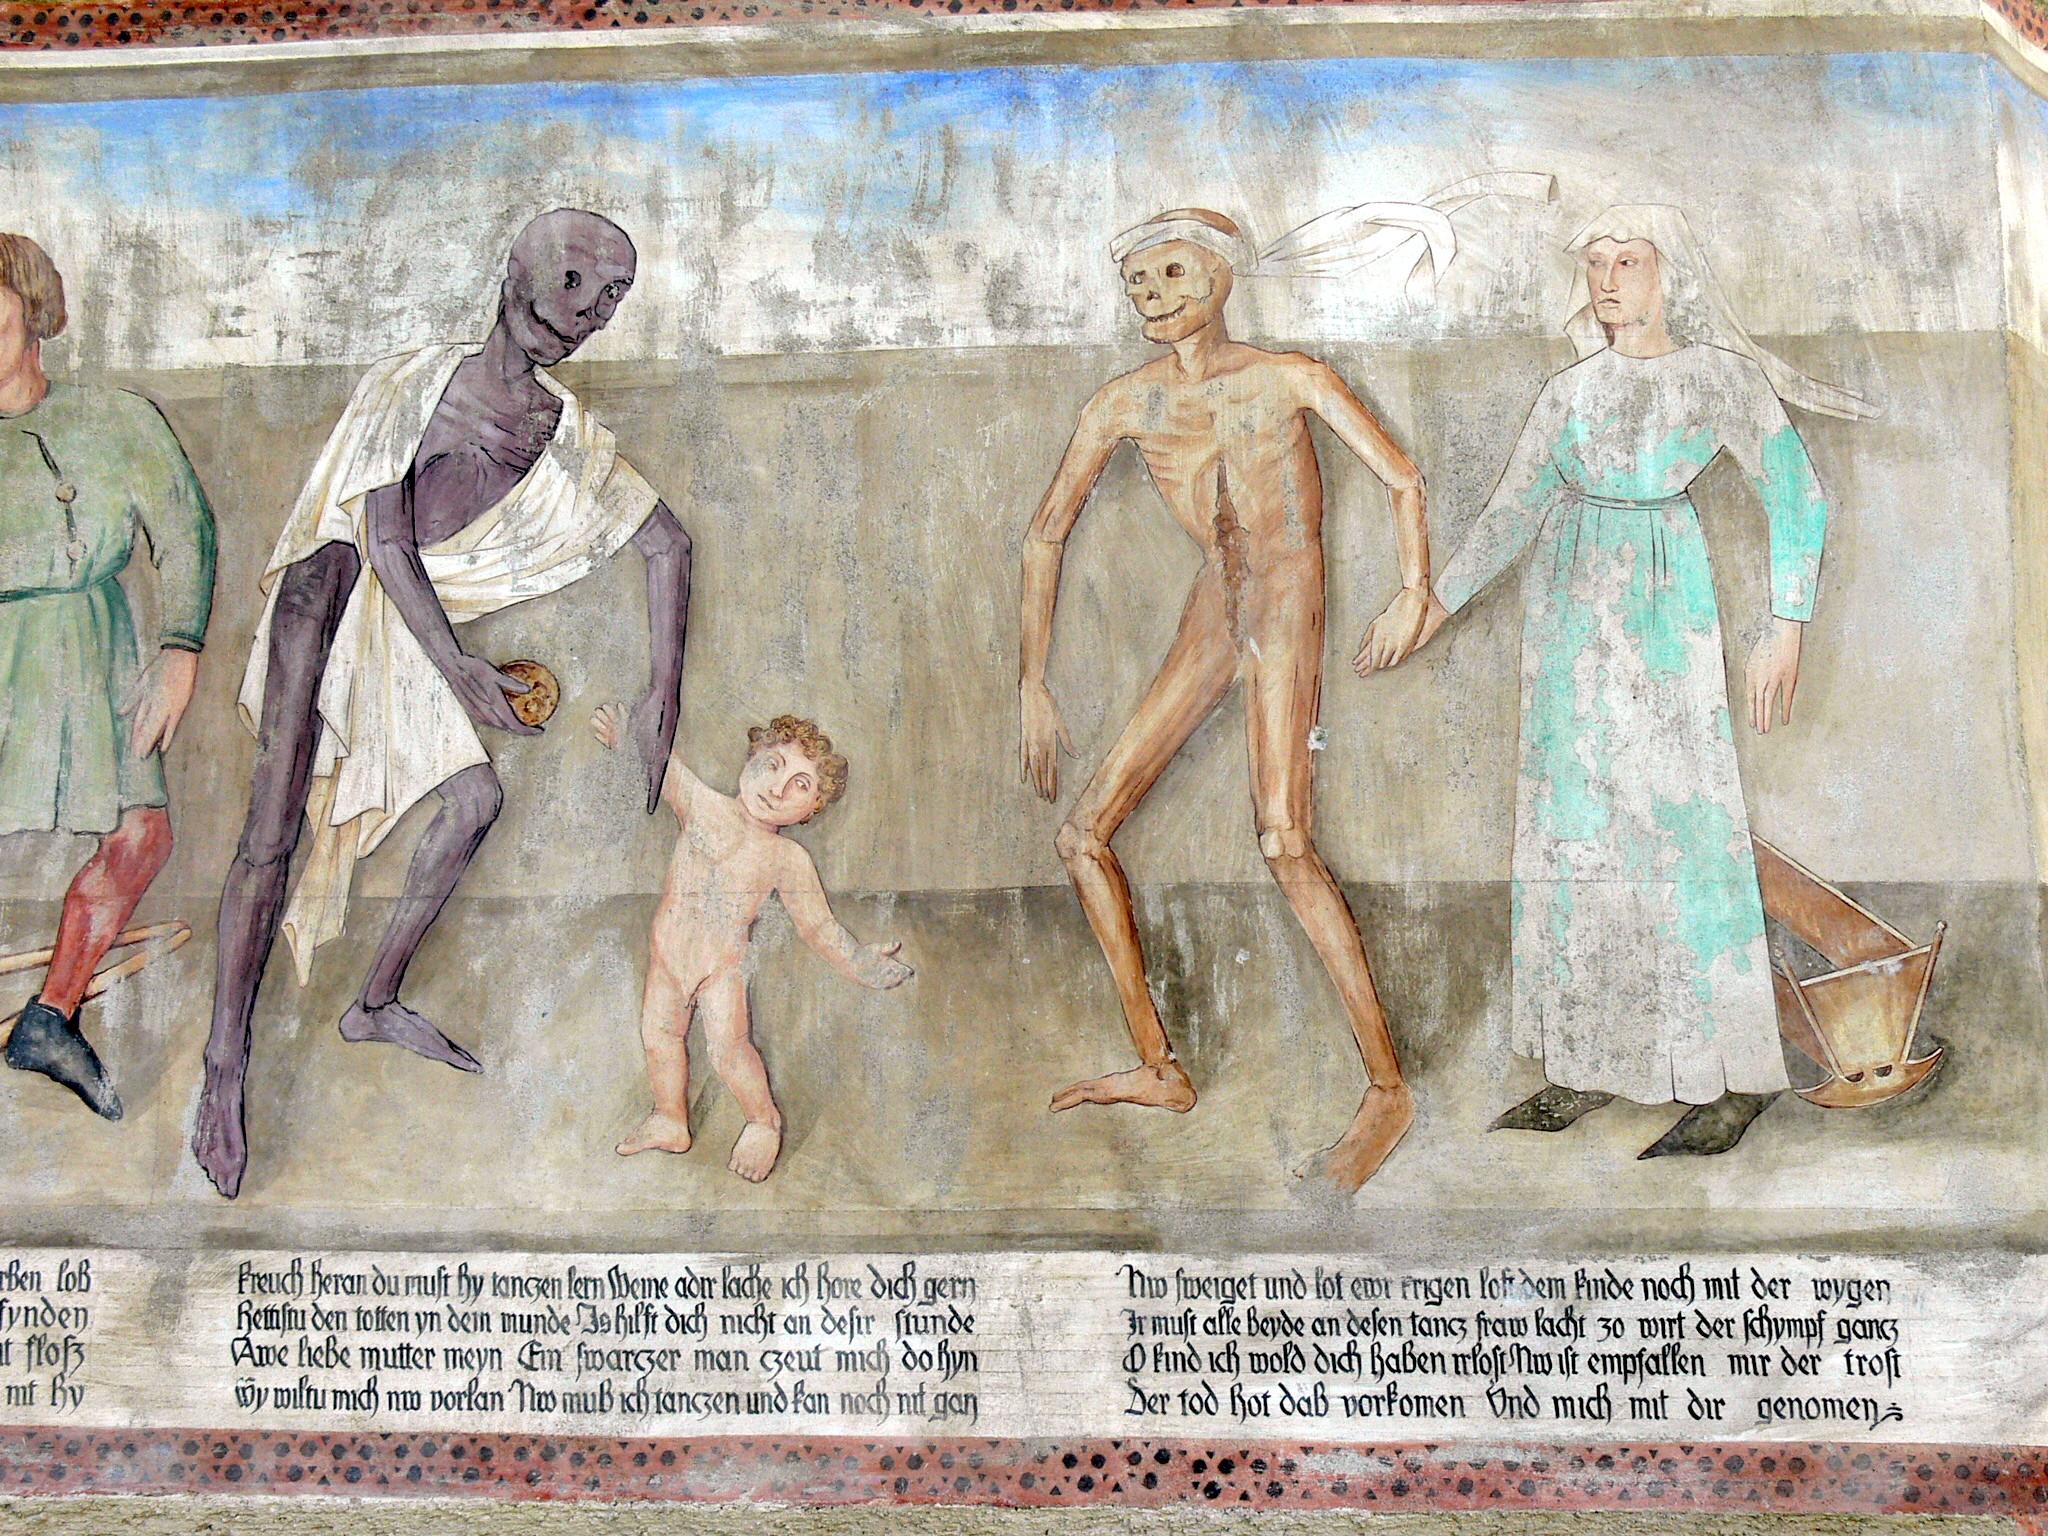 Das Leben ist kurz, hart und elend: Der Tod mit Mutter und Kind. (Quelle: wikicommons, User: Wolfgang Sauber)